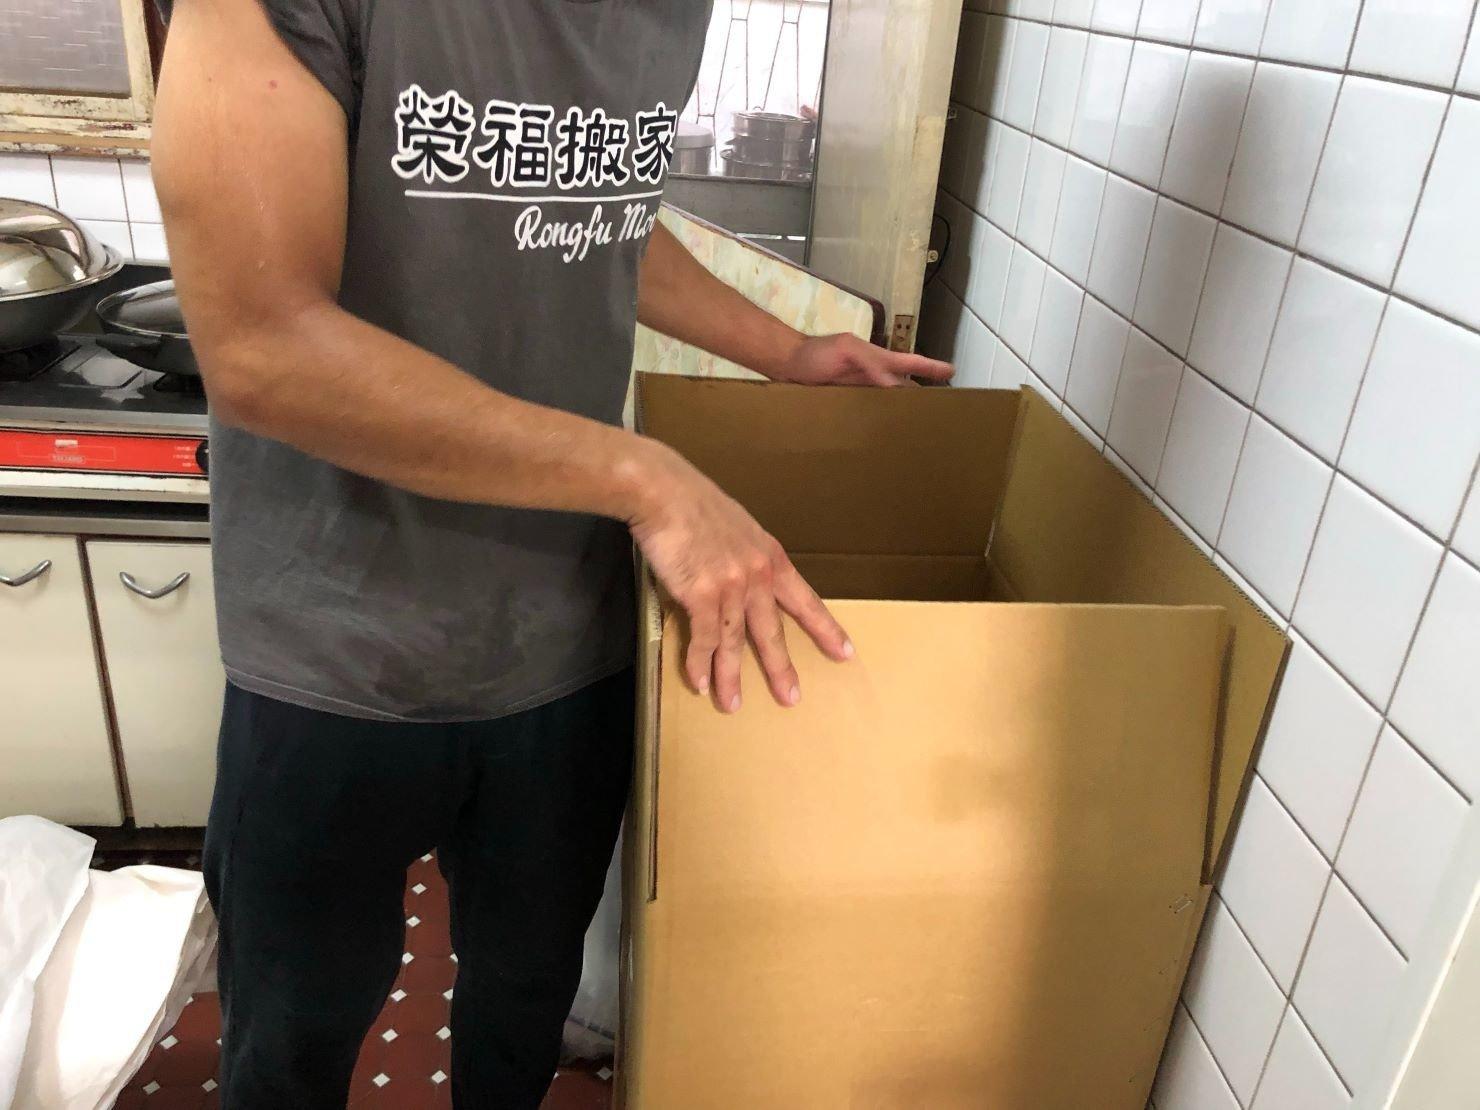 搬家公司【榮福搬家】優質搬家服務,值得您的信賴與選擇:瓶罐裝裝箱打包-瓶蓋檢查是否旋緊或多套一層塑膠袋,避免移動時醬料溢出;廚具依材質選擇合適的材料打包再裝箱。